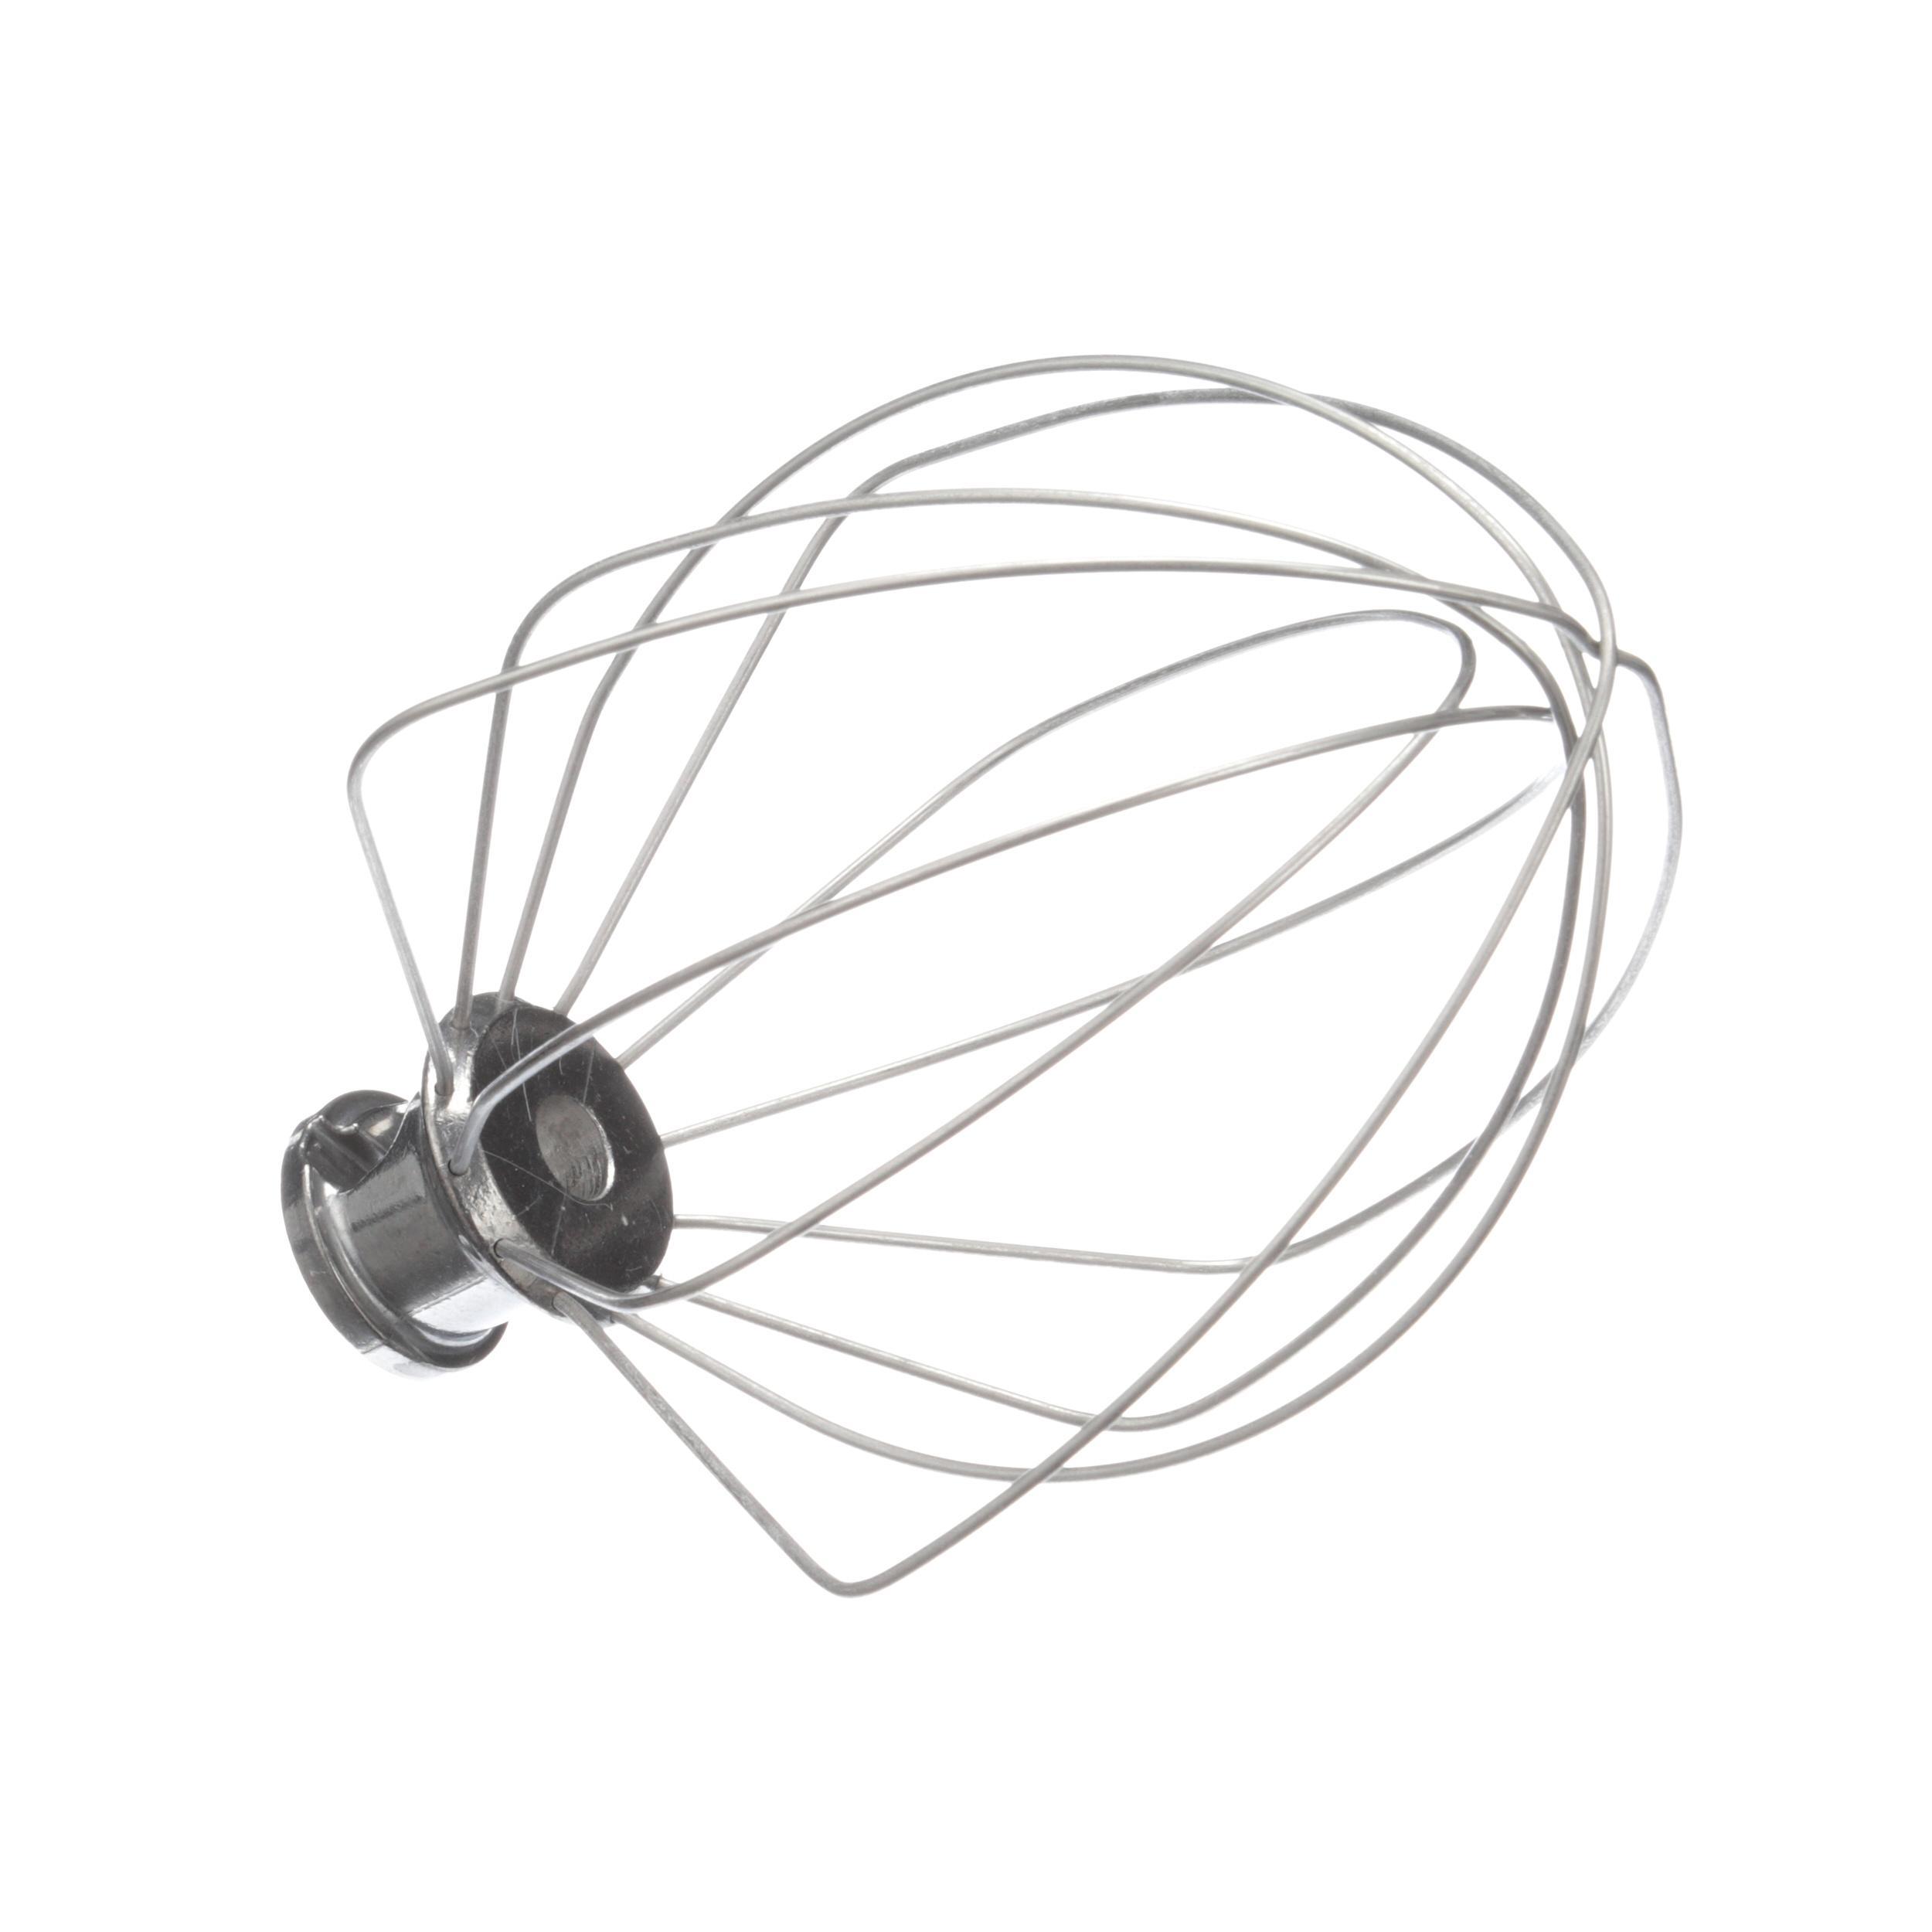 kitchenaid wire whip part 9703491